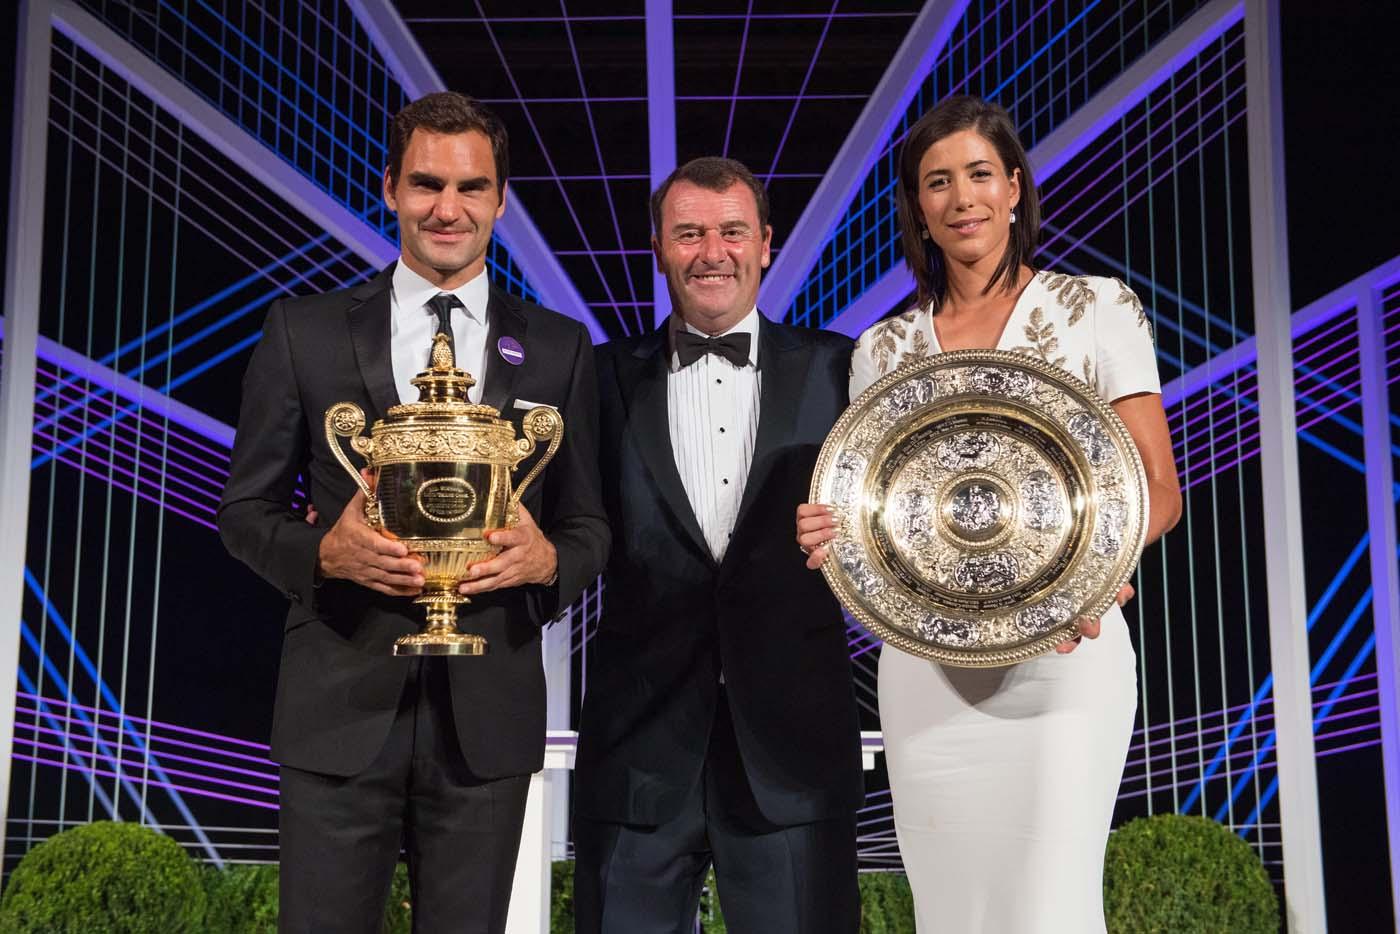 VTM009 LONDRES (REINO UNIDO), 17/07/2017.- Fotogafía cedida por el All England Lawn Tennis Club (AELTC), con fecha del 16 de julio del 2017, y publicada hoy, 17 de julio del 2017, que muestra al tenista suizo Roger Federer (i) y a la tenista española Garbiñe Muguruza (d) mientras posan con sus trofeos de Wimbleon acompañados por el presidente del club de tenis inglés, Philip Brook (c), en Londres (Reino Unido). EFE/AELTC / ROBERT MARTIN/SÓLO USO EDITORIAL/PROHIBIDO SU USO COMERCIAL